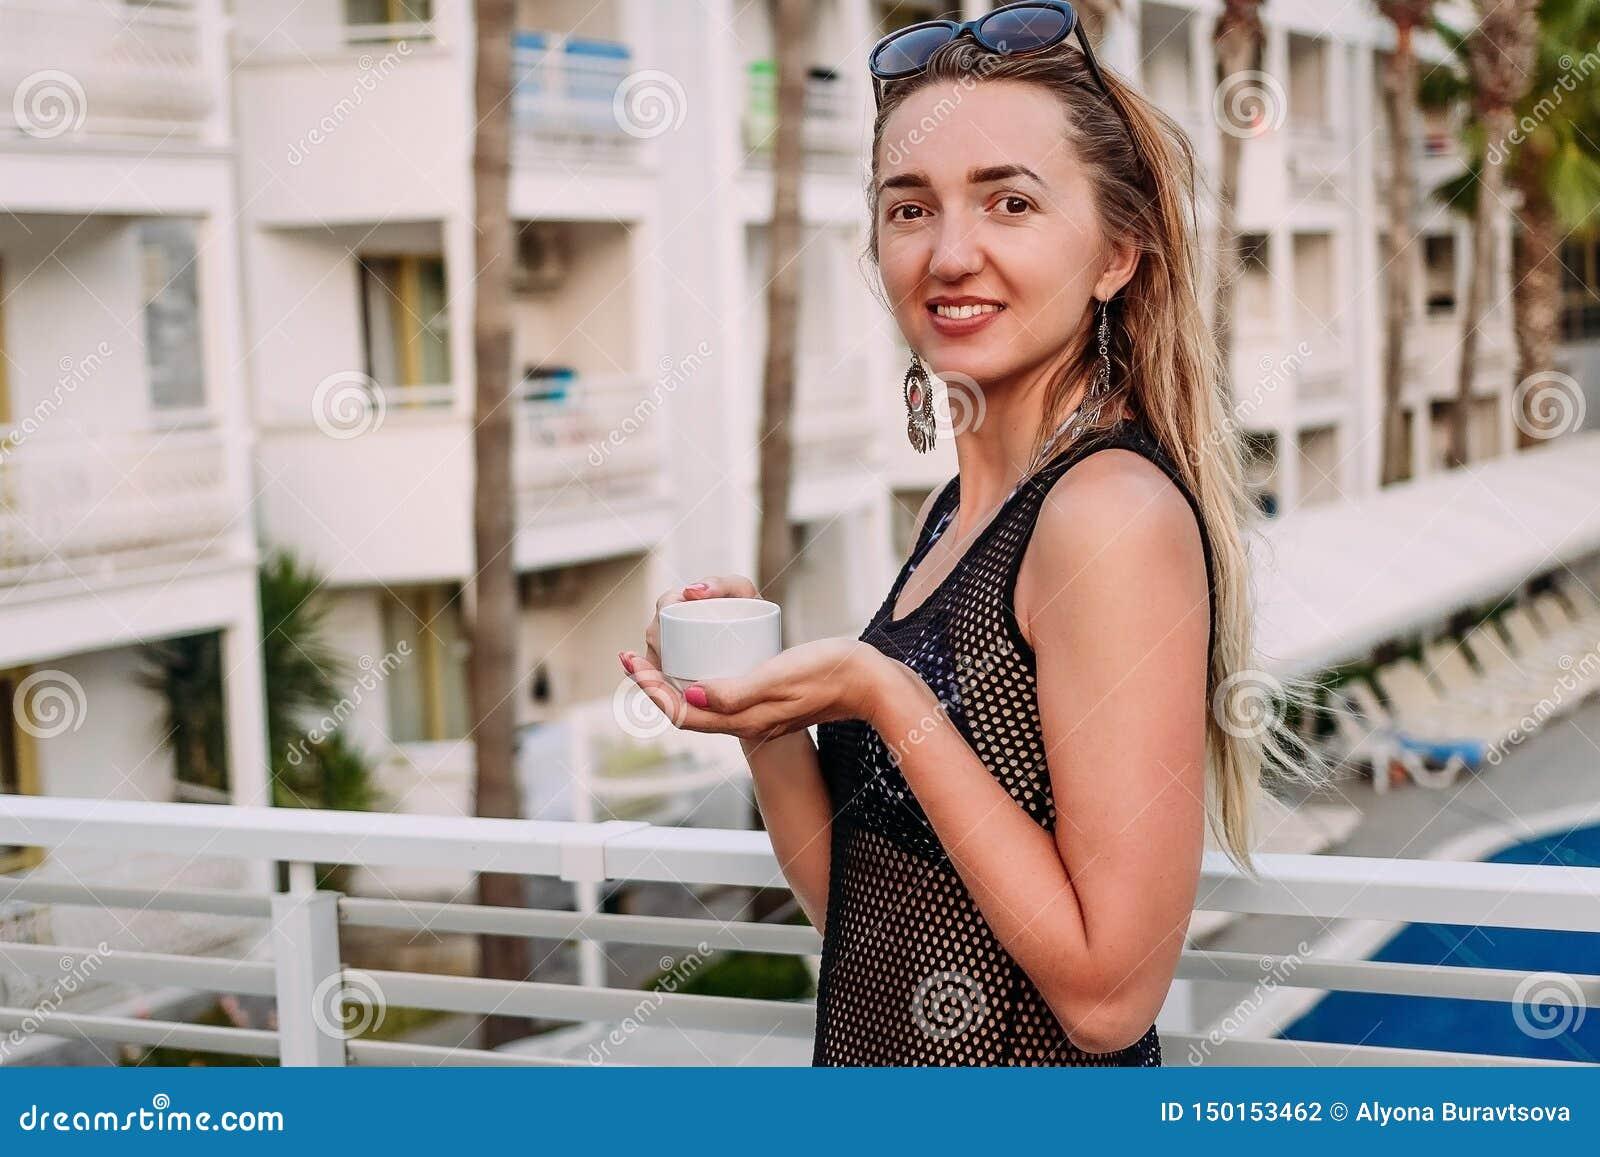 Stara uśmiechnięta kobieta z filiżanka kawy na balkonie hotel na wakacje